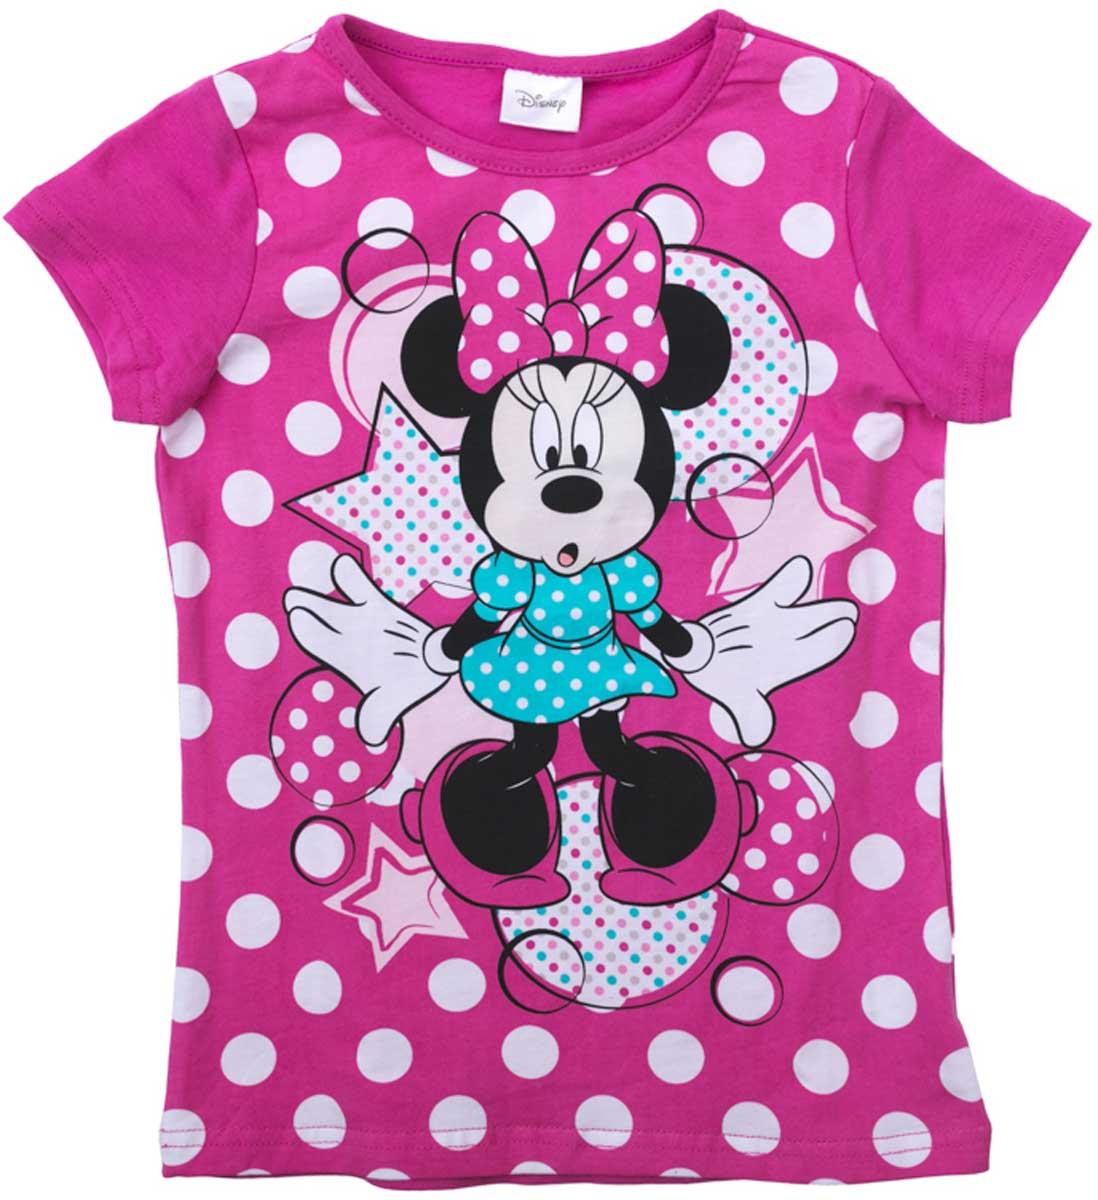 Футболка для девочки PlayToday, цвет: розовый, белый, голубой, черный. 672054. Размер 110672054Футболка для девочки PlayToday выполнена из хлопка и эластана. Модель с круглым вырезом горловины и короткими рукавами оформлена оригинальным принтом.